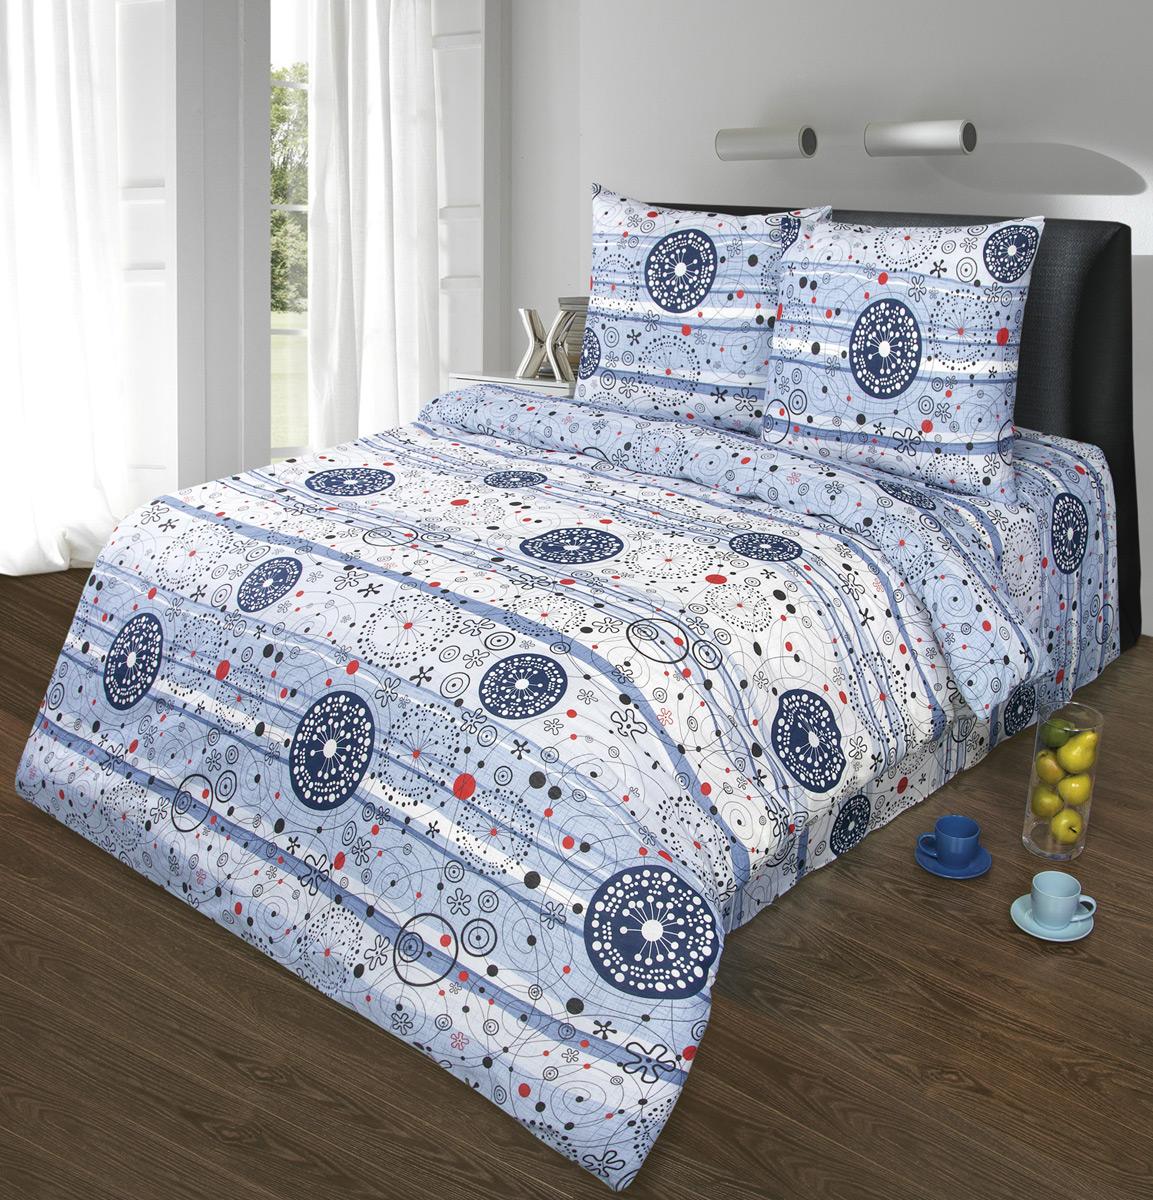 Комплект белья Шоколад Увертюра , 2-спальный с простыней евро, наволочки 70x70. Б109Б109Комплект постельного белья Шоколад Увертюра  является экологически безопасным для всей семьи, так как выполнен из натурального хлопка. Комплект состоит из пододеяльника, простыни и двух наволочек. Постельное белье оформлено оригинальным рисунком и имеет изысканный внешний вид. Бязь - это ткань полотняного переплетения, изготовленная из экологически чистого и натурального 100% хлопка. Она прочная, мягкая, обладает низкой сминаемостью, легко стирается и хорошо гладится. Бязь прекрасно пропускает воздух и за ней легко ухаживать. При соблюдении рекомендуемых условий стирки, сушки и глажения ткань имеет усадку по ГОСТу, сохранятся яркость текстильных рисунков. Приобретая комплект постельного белья Шоколад Увертюра , вы можете быть уверены в том, что покупка доставит вам и вашим близким удовольствие и подарит максимальный комфорт.